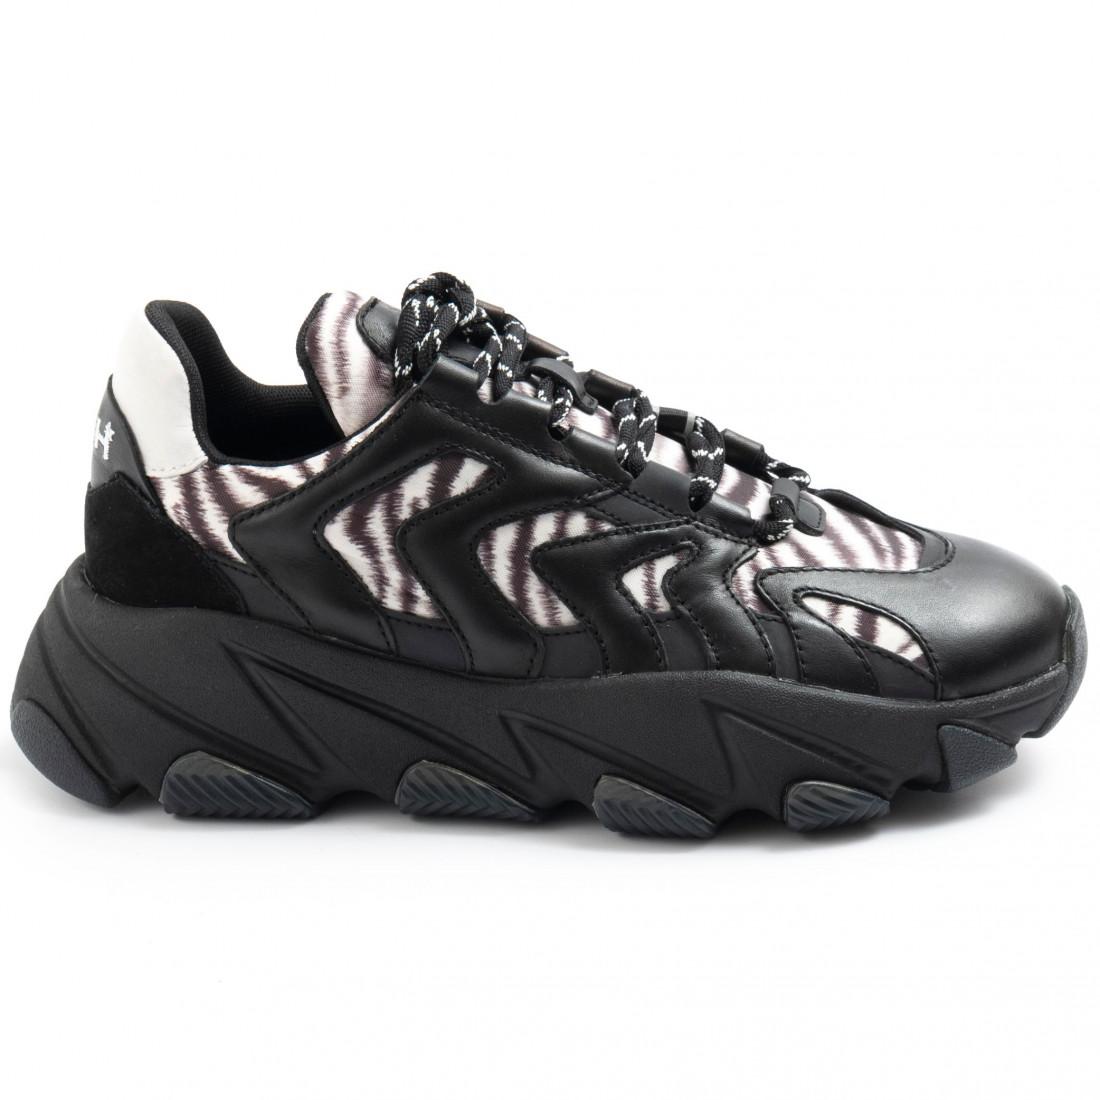 sneakers damen ash extreme02 7622